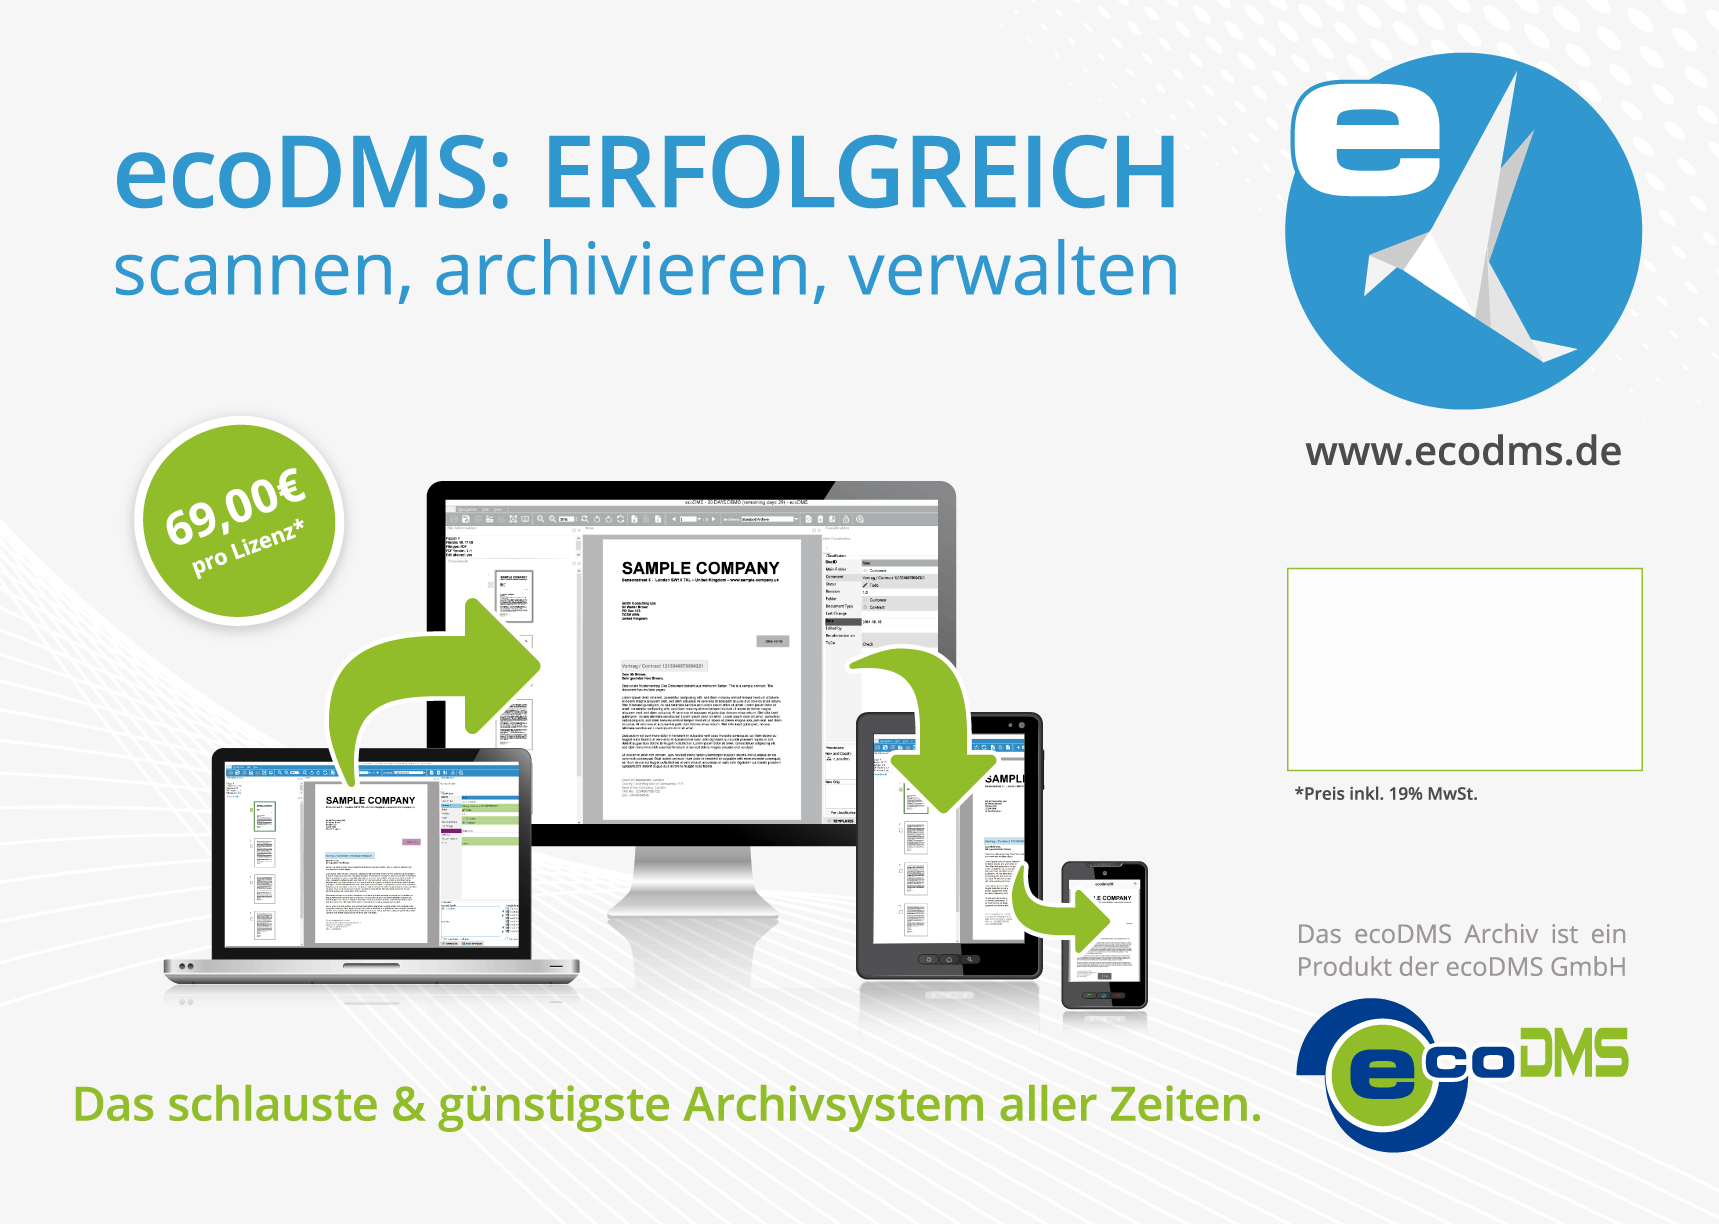 Plakatgestaltung für ecoDMS (Reseller-Programm)